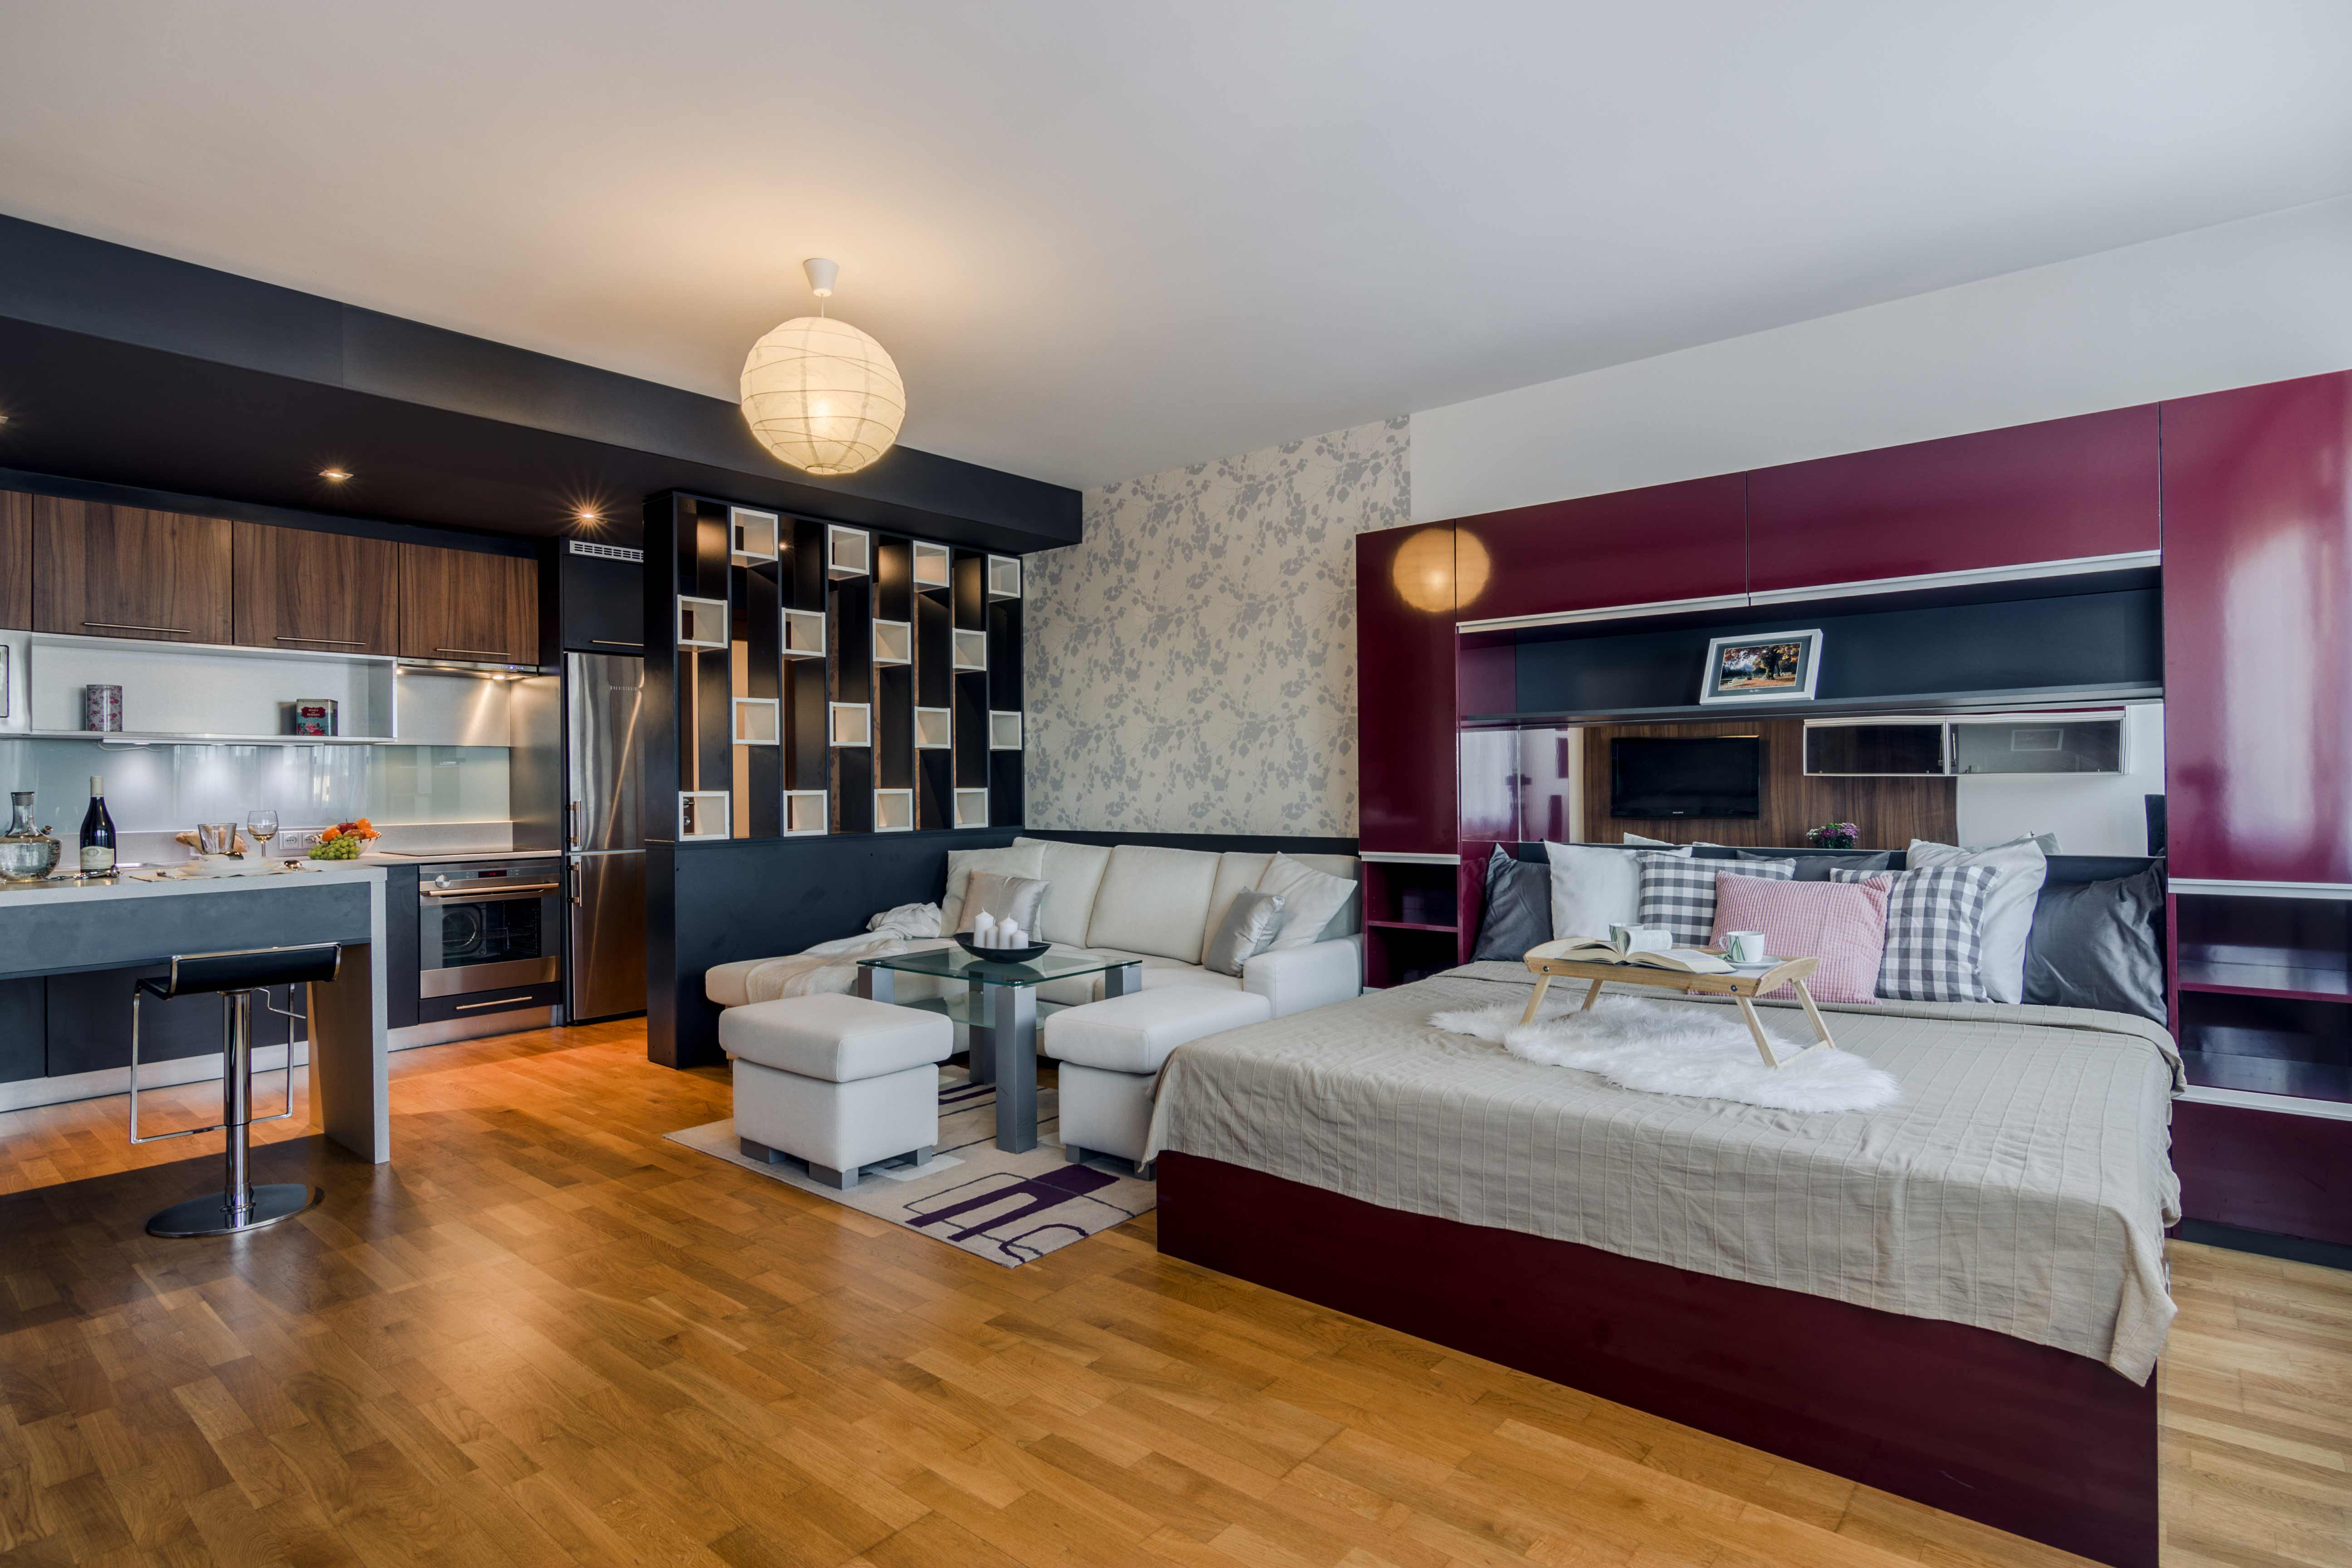 Prodej bytu zajišťoval Michal Souček, realitní makléř QARA